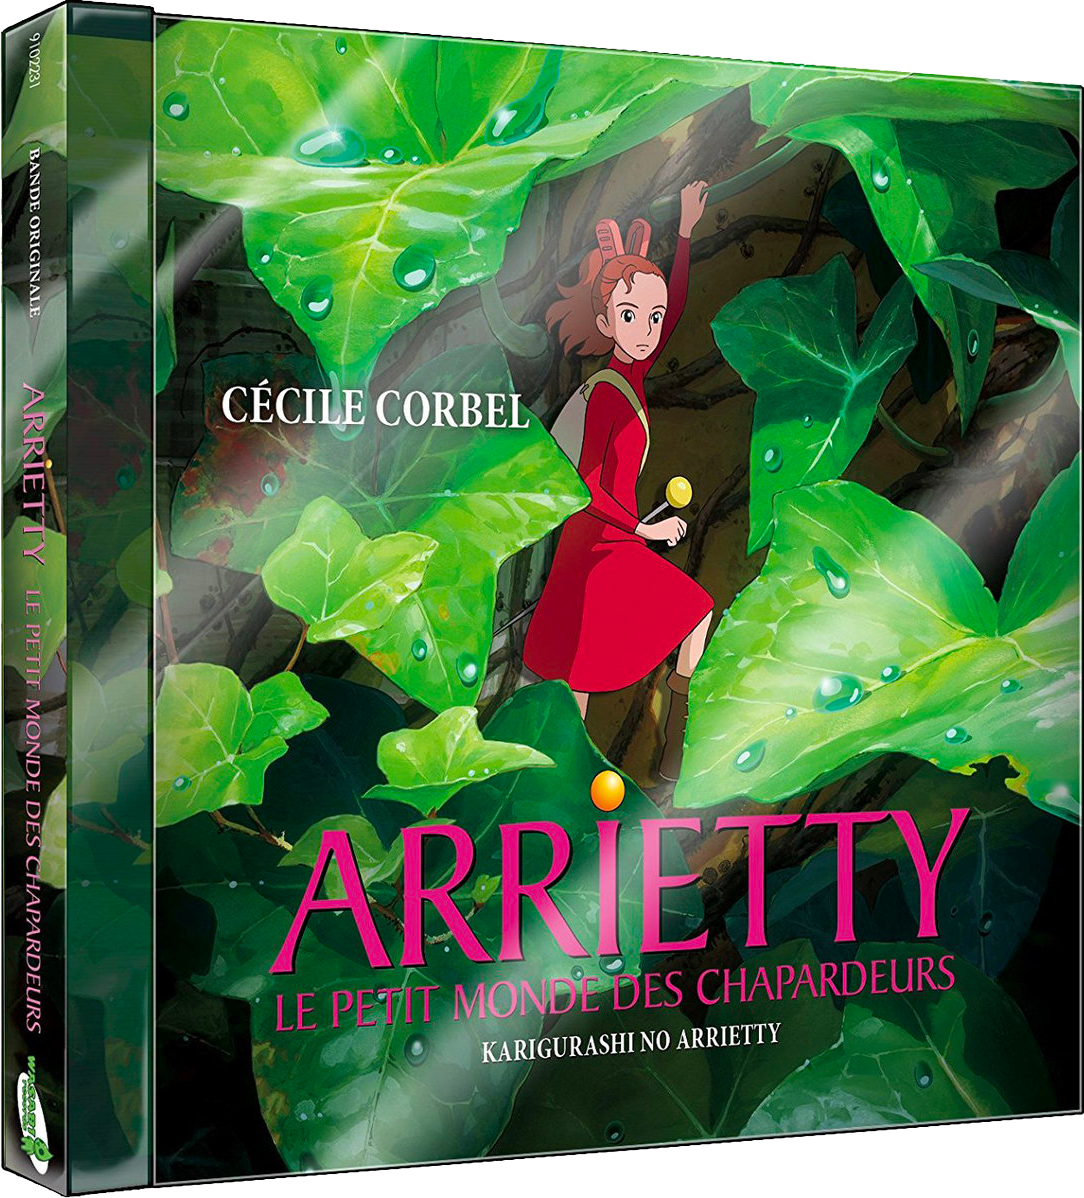 Arrietty le petit monde des chapardeurs Bande Originale par Cécile Corbel